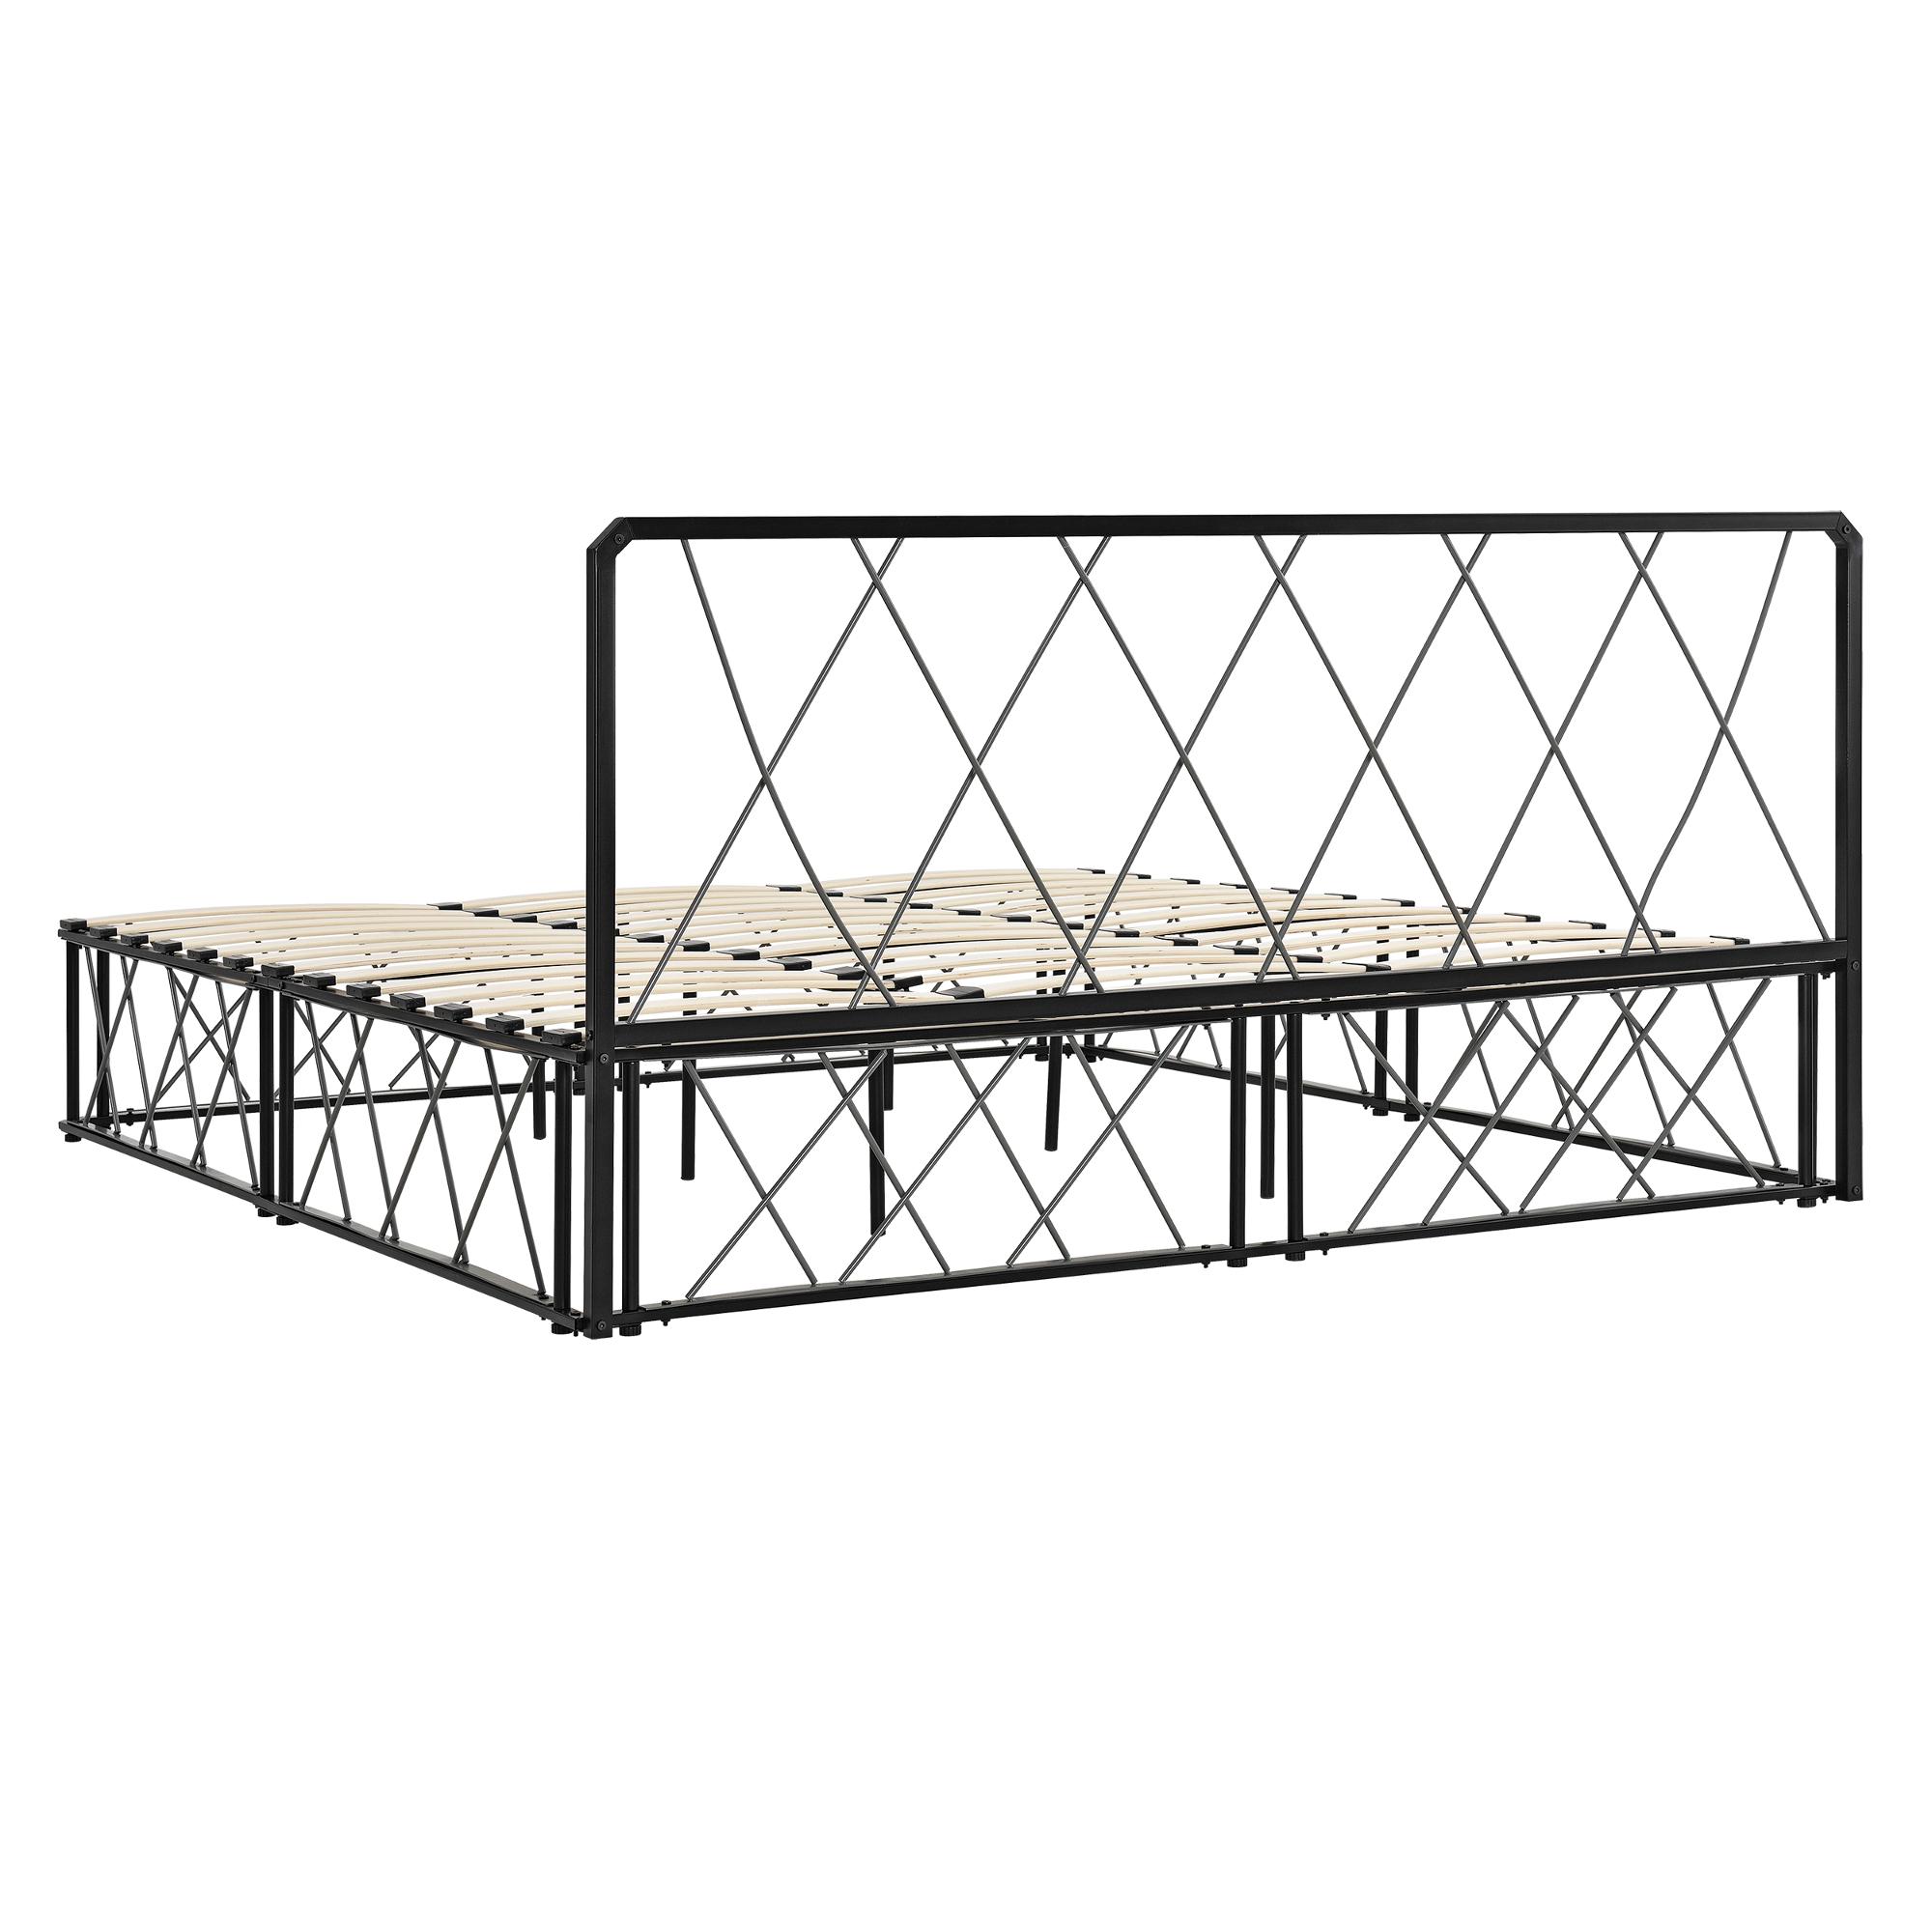 metallbett 180x200 schwarz grau bettgestell design bett schlafzimmer ebay. Black Bedroom Furniture Sets. Home Design Ideas